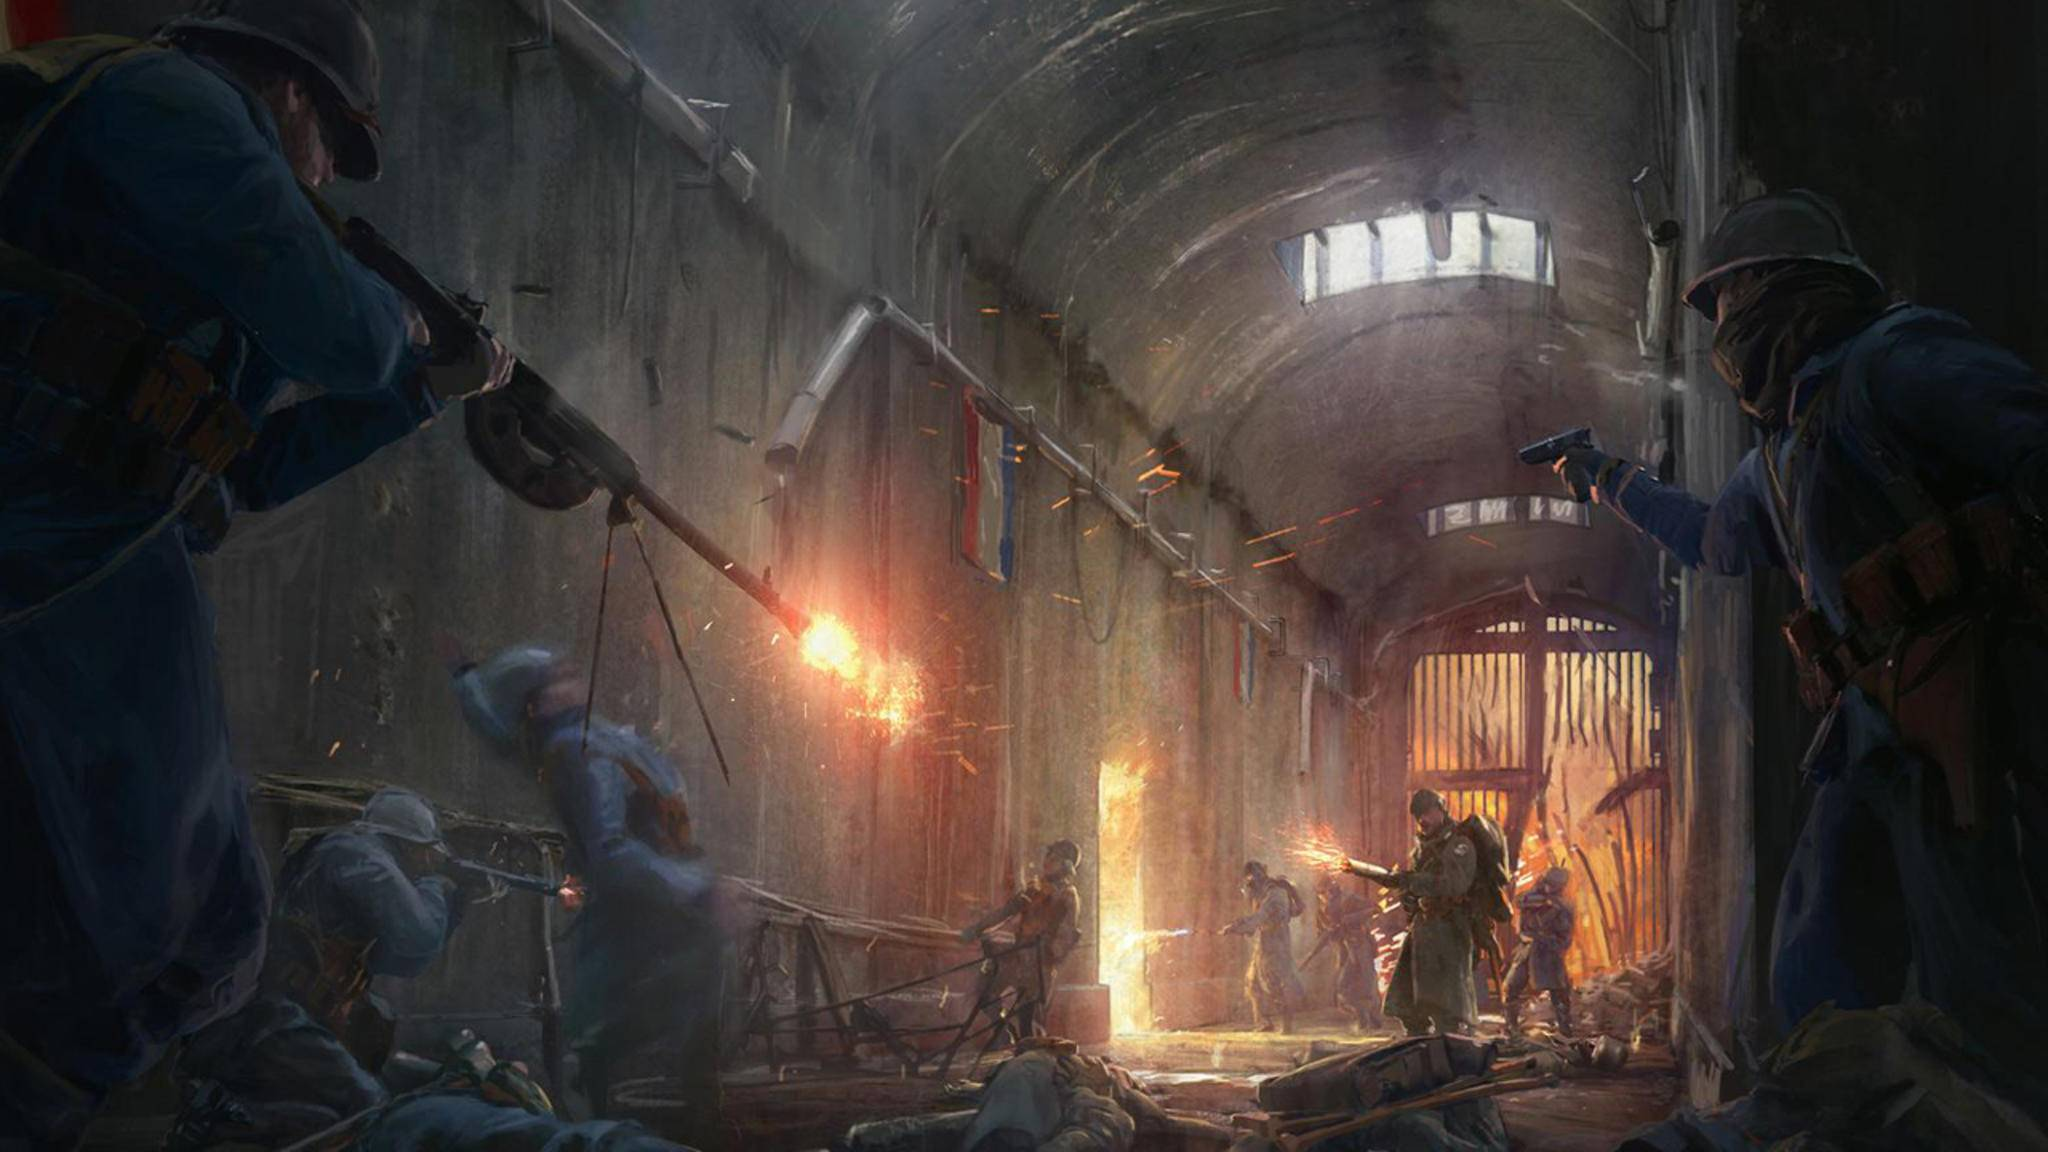 Battlefield 2018 wird angeblich Battlefield V heißen und WW2 Setting nutzen